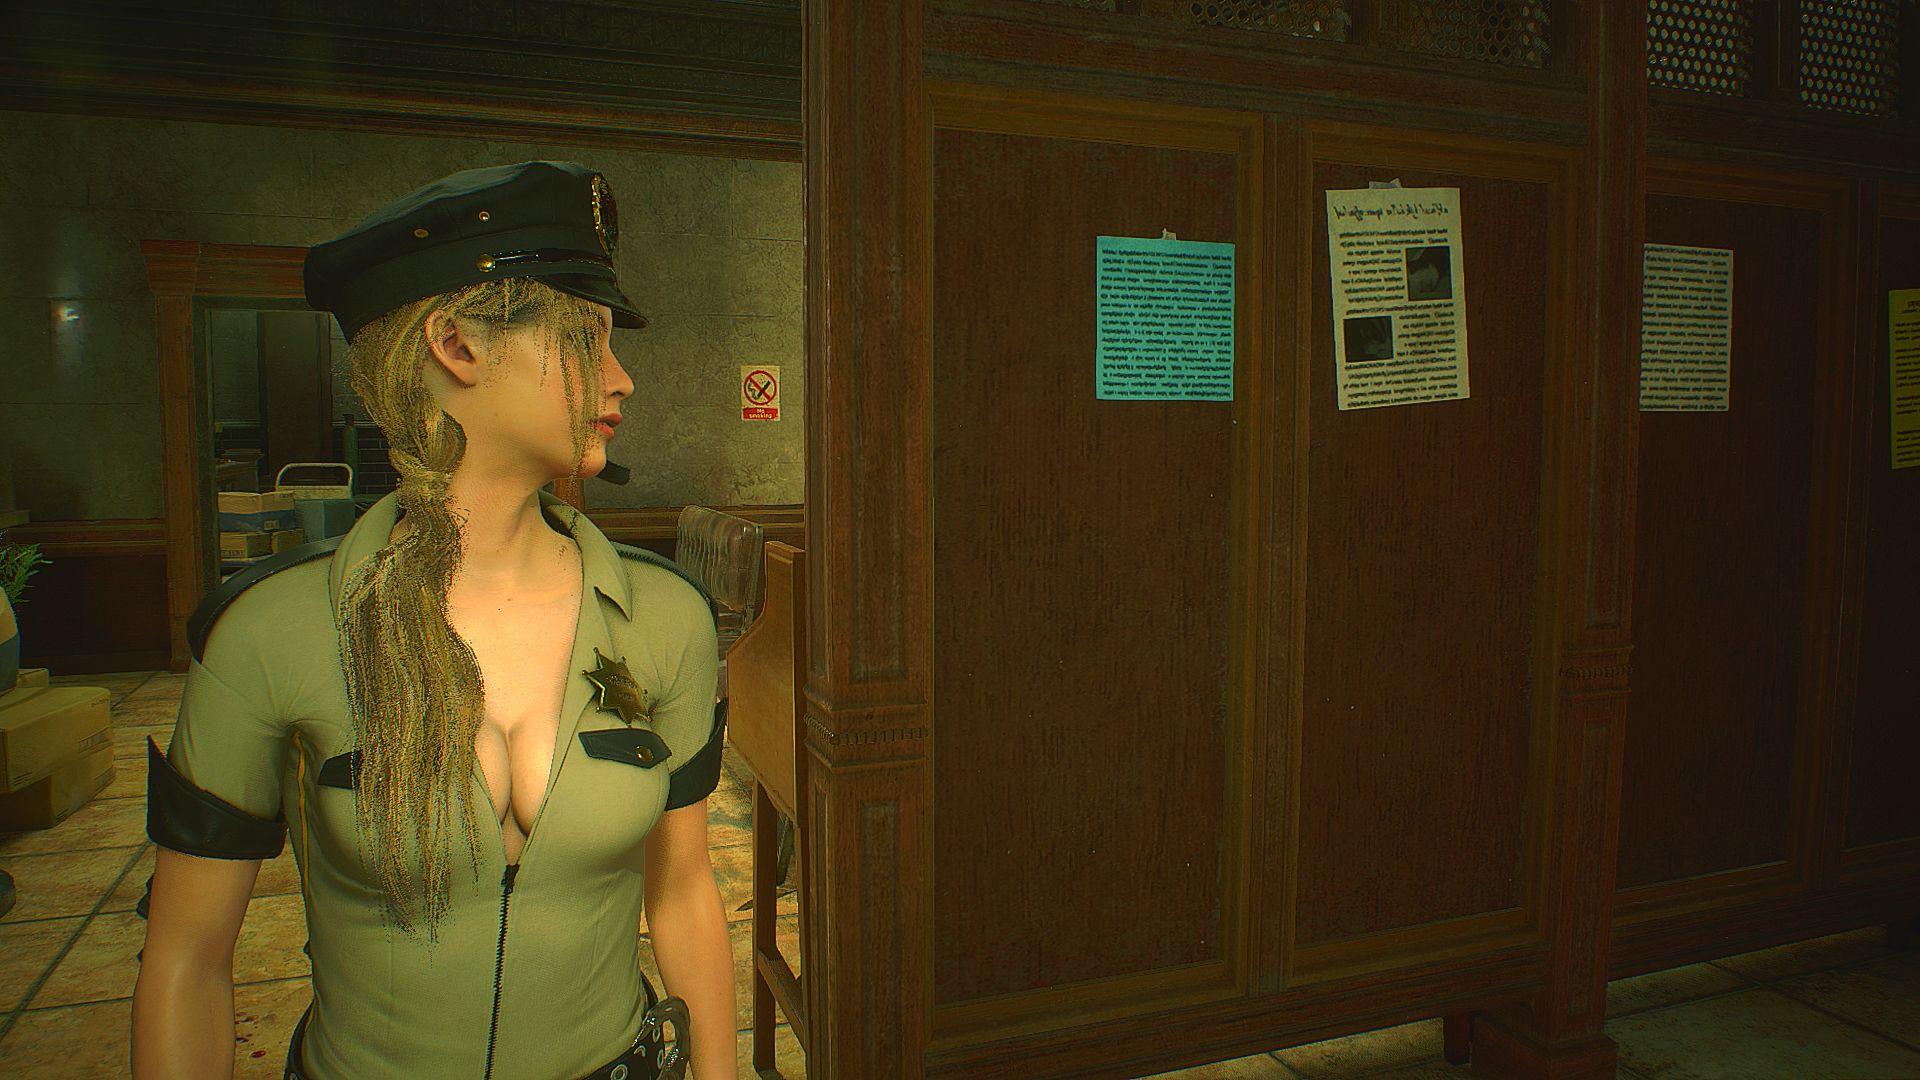 000755.Jpg - Resident Evil 2